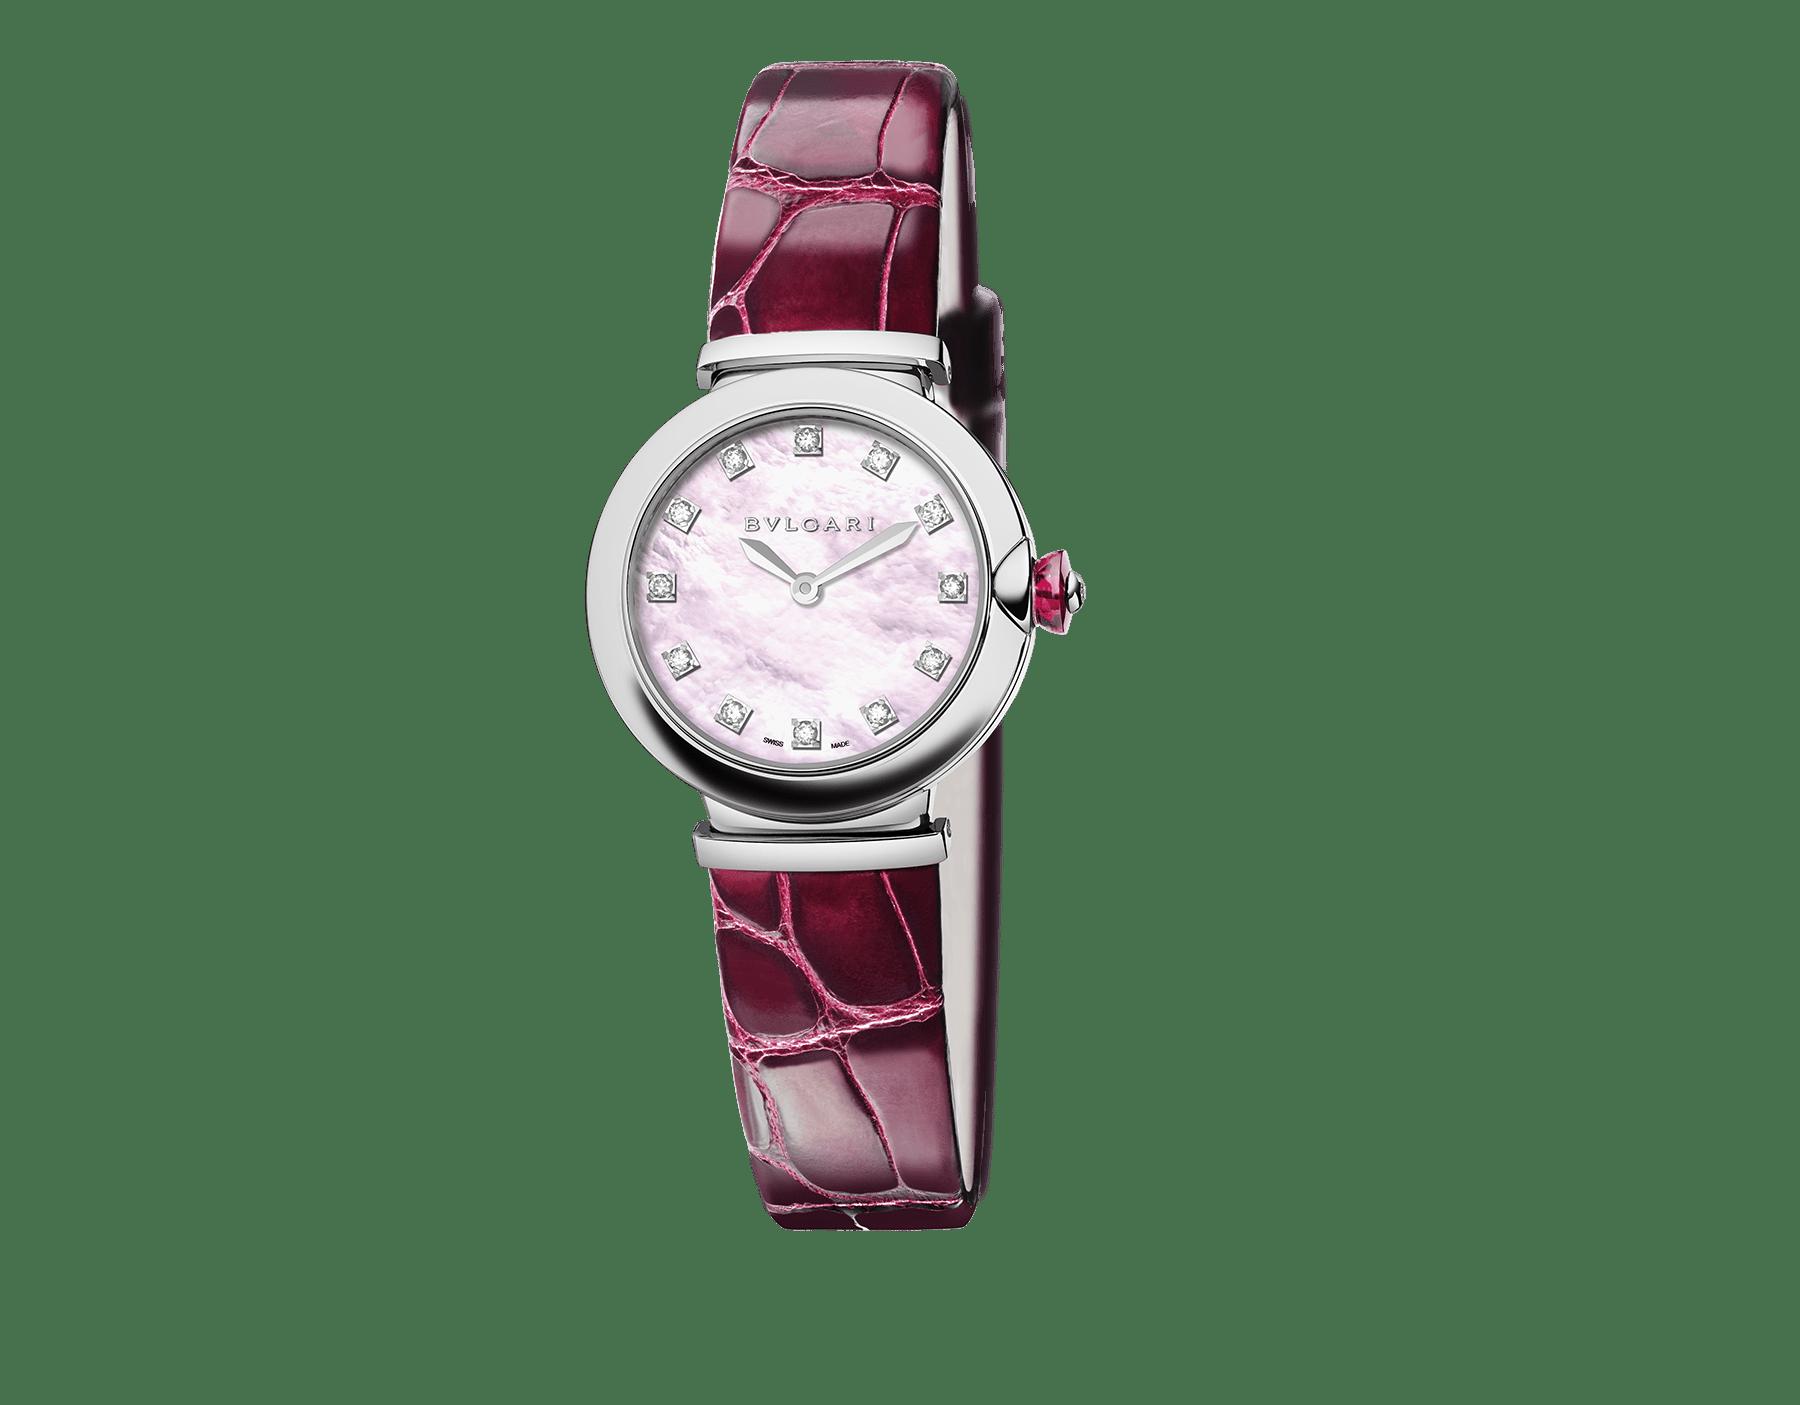 Часы LVCEA, корпус из нержавеющей стали, розовый перламутровый циферблат, бриллиантовые часовые метки, бордовый ремешок из кожи аллигатора. 102608 image 1